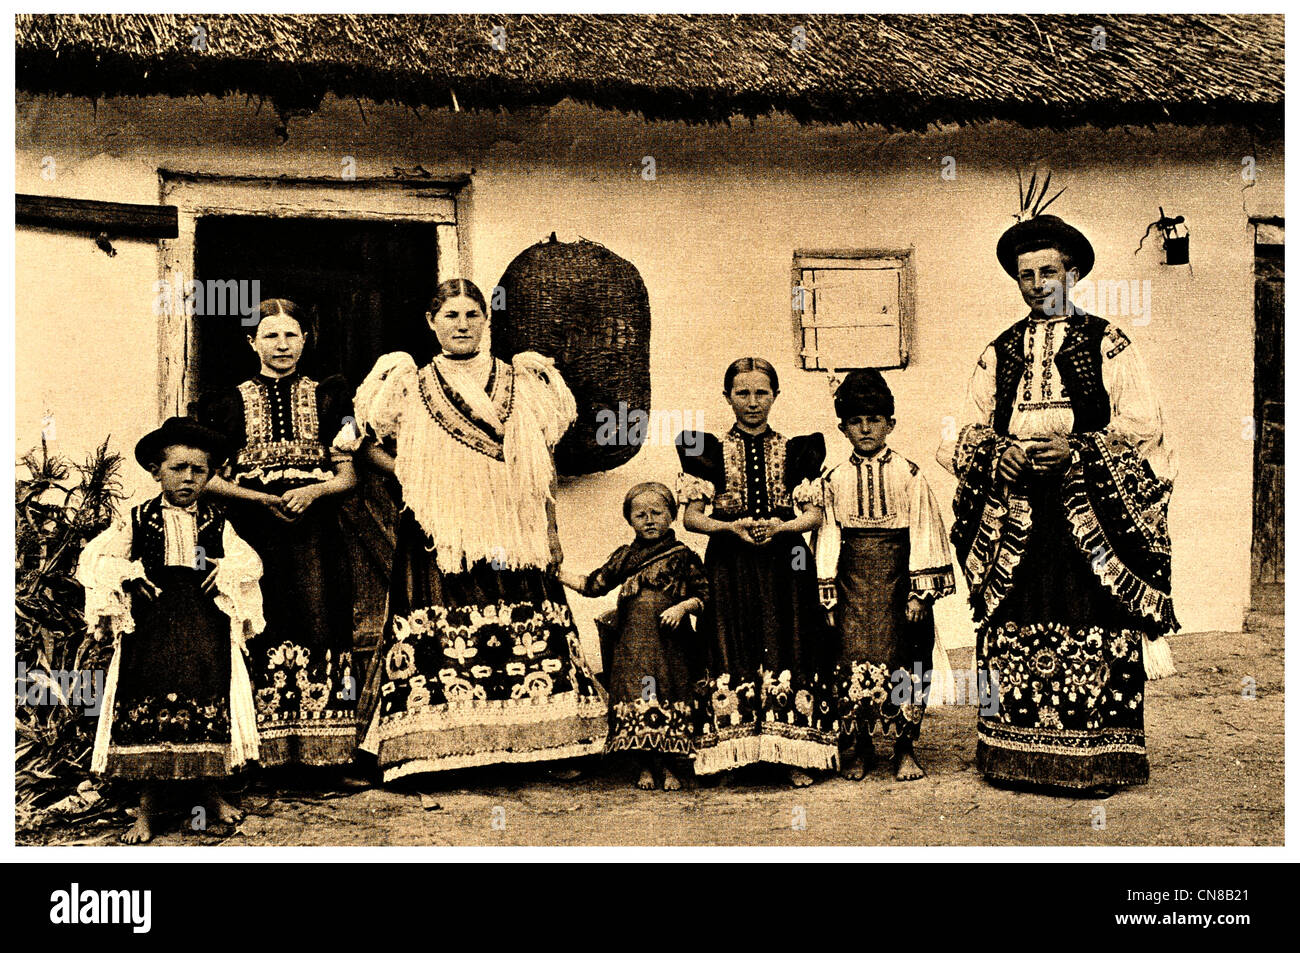 ungarische tracht stockfotos und bilder kaufen  alamy